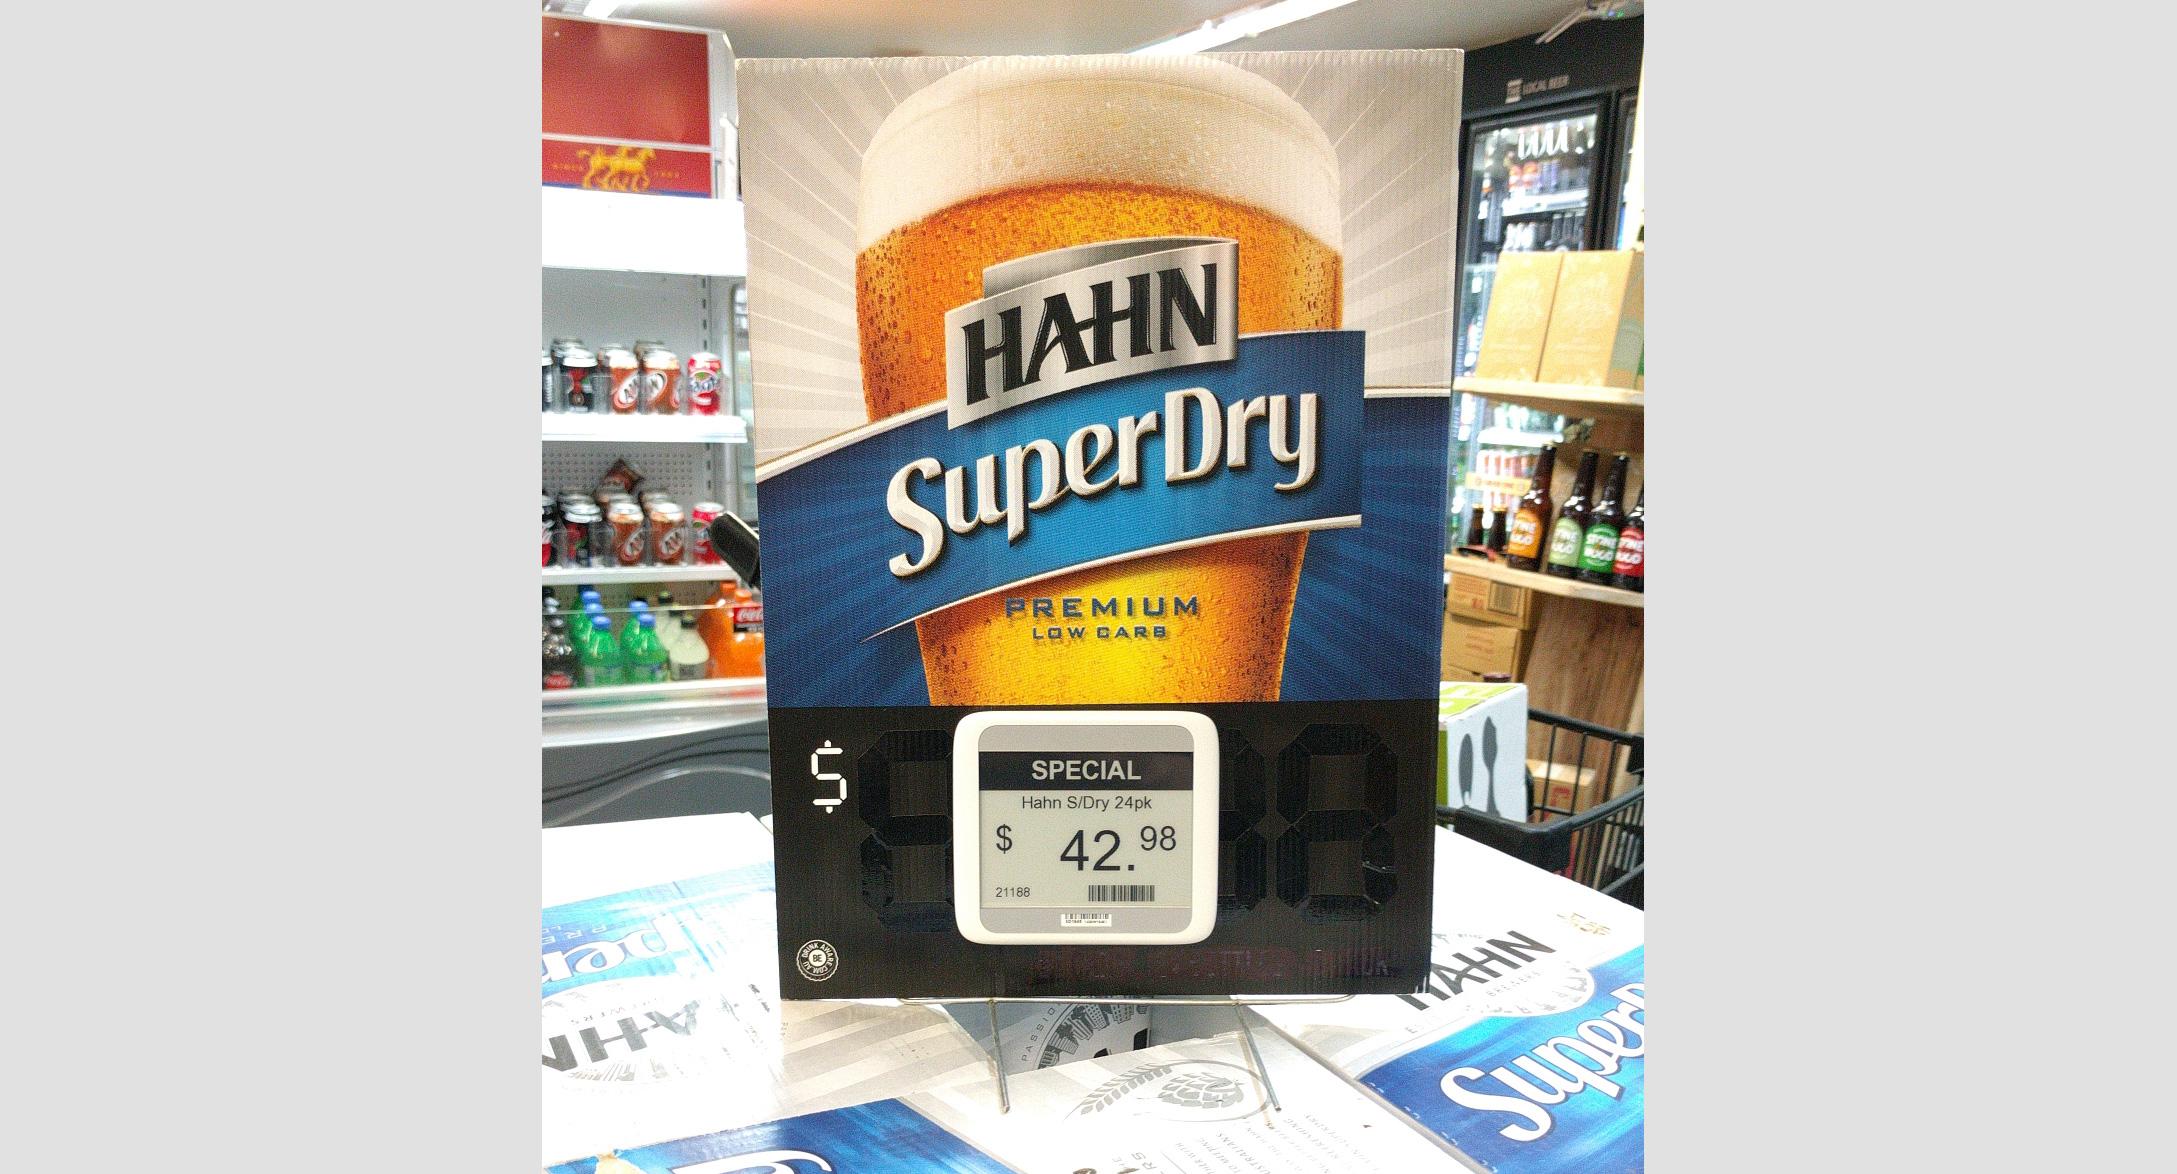 Promotional display for Hahn using esLabels XL epaper ESL